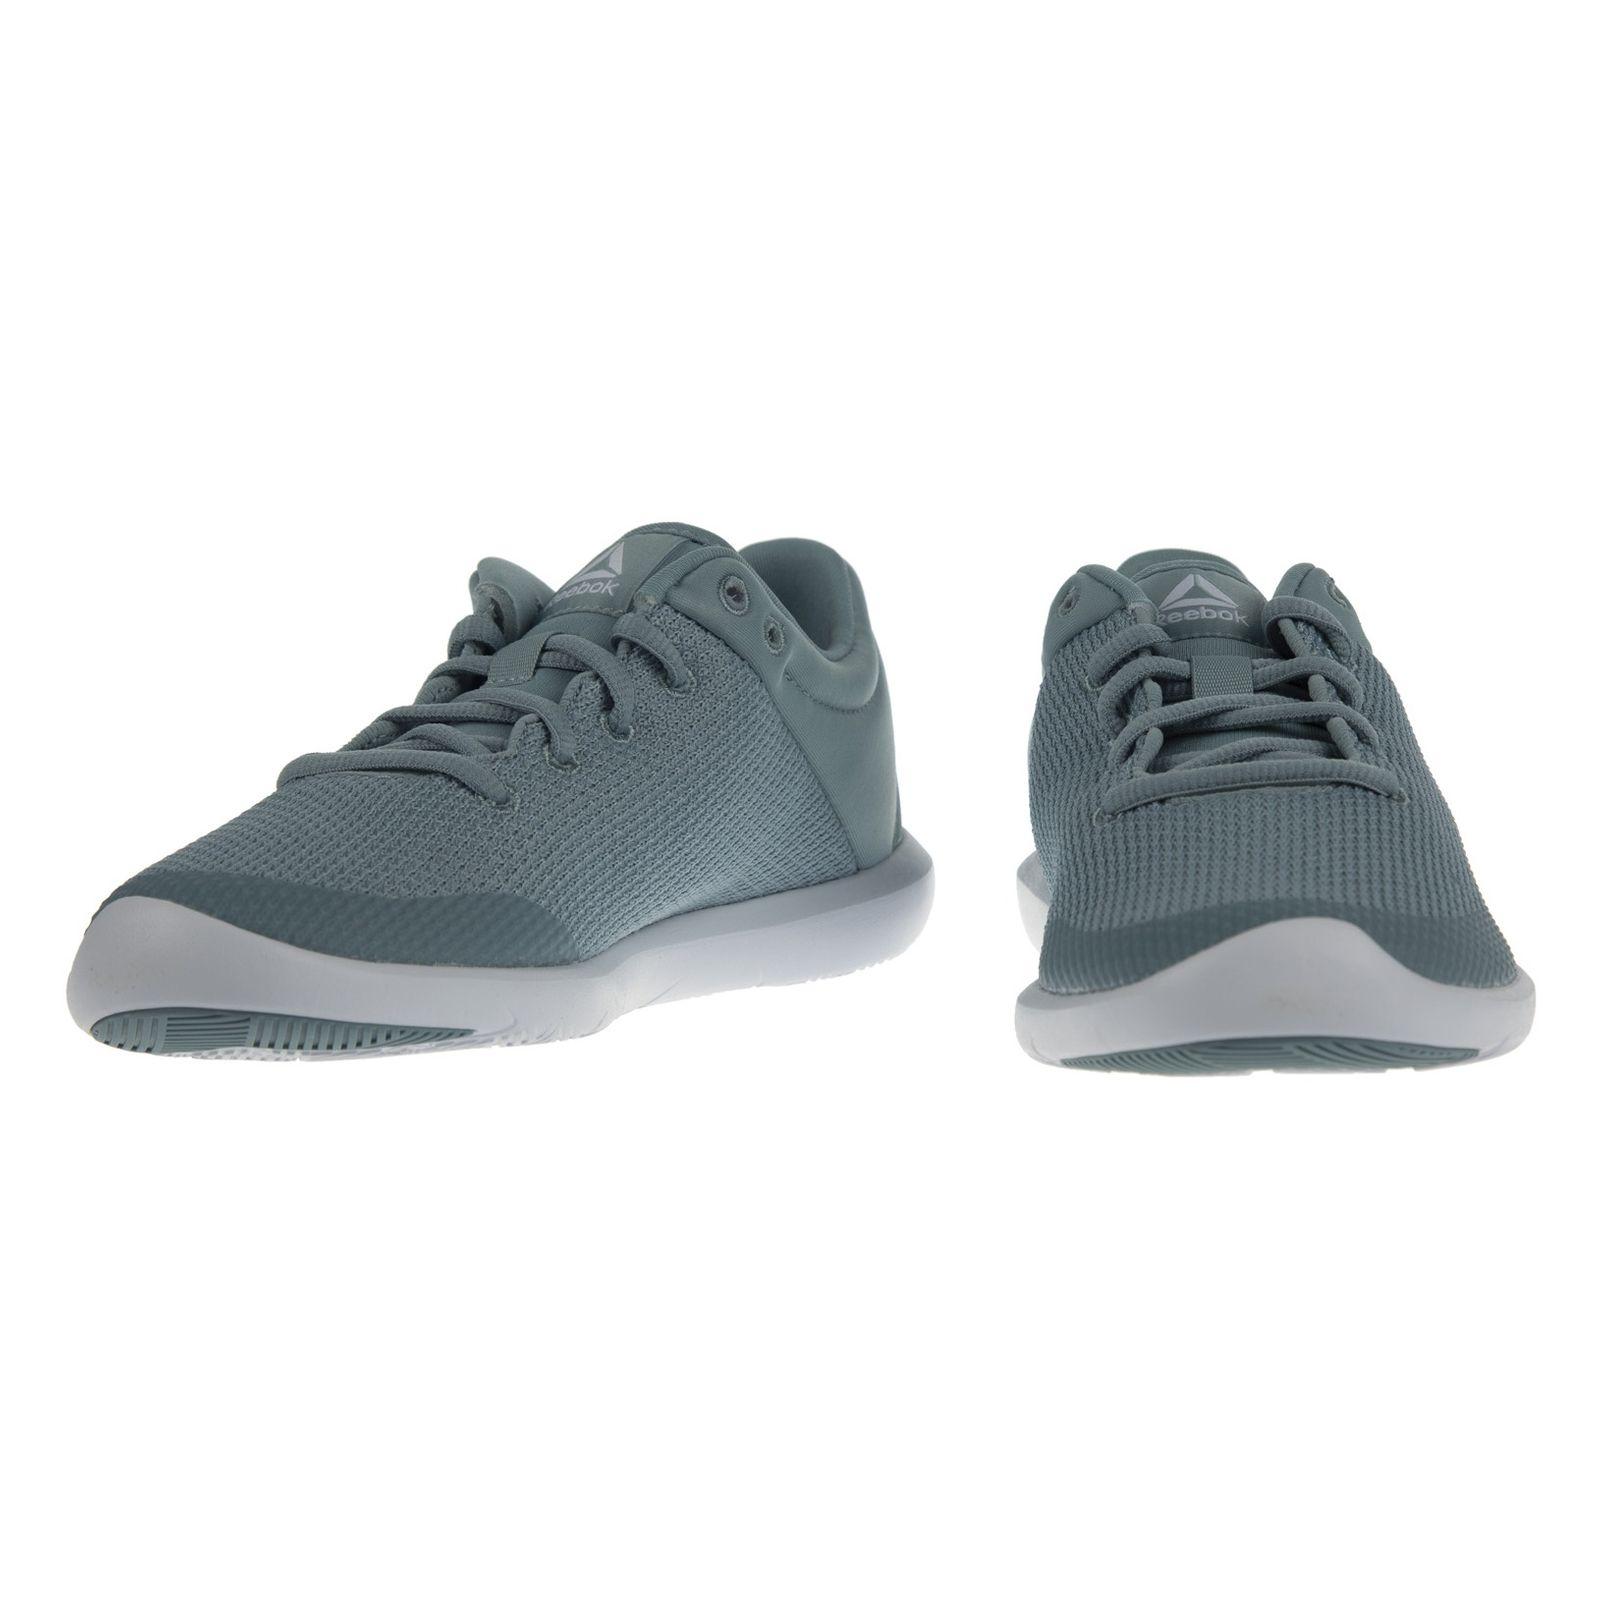 کفش زنانه ریباک مدل Studio Basics - سبز آبی - 4